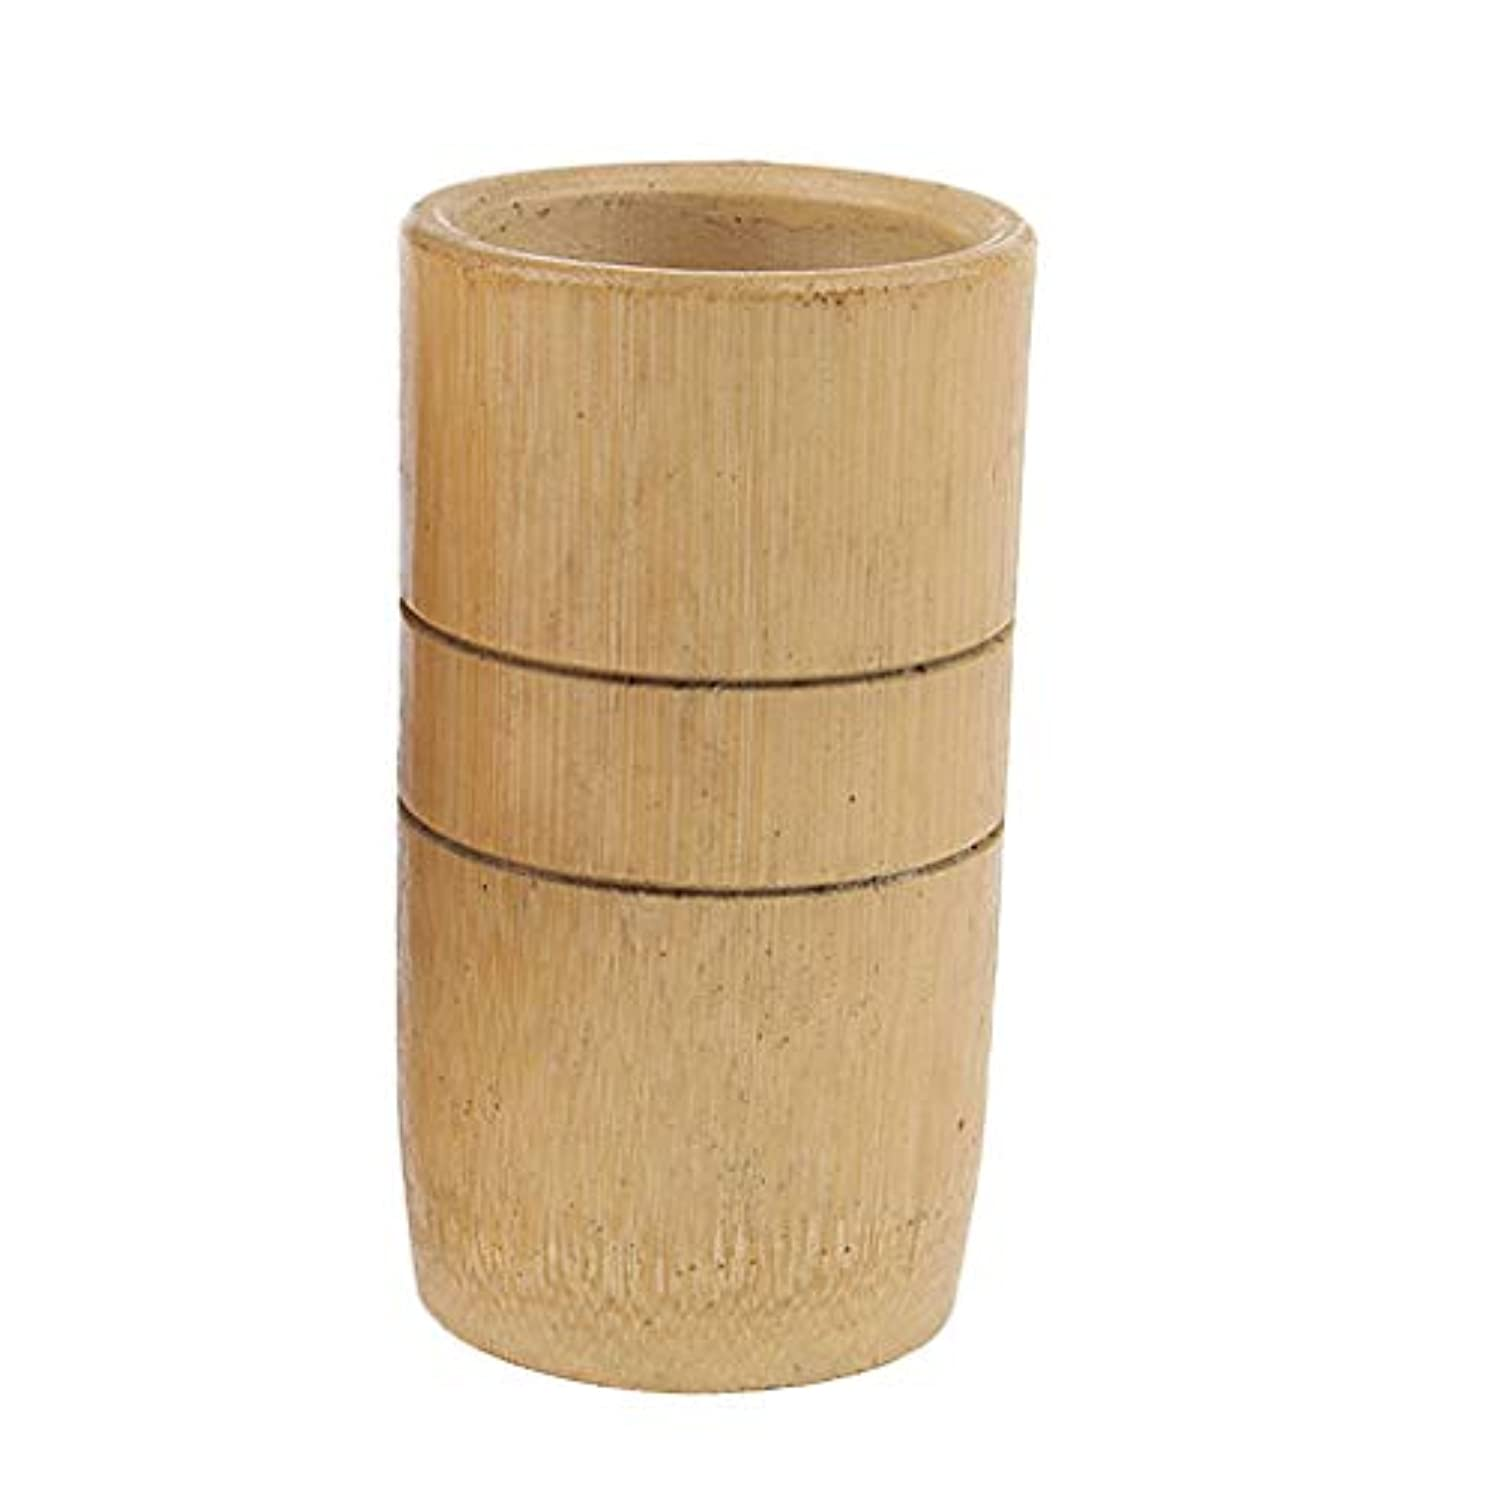 スカルク認める蛾マッサージカップ 吸い玉 カッピング 天然竹製 男女兼用 2個入